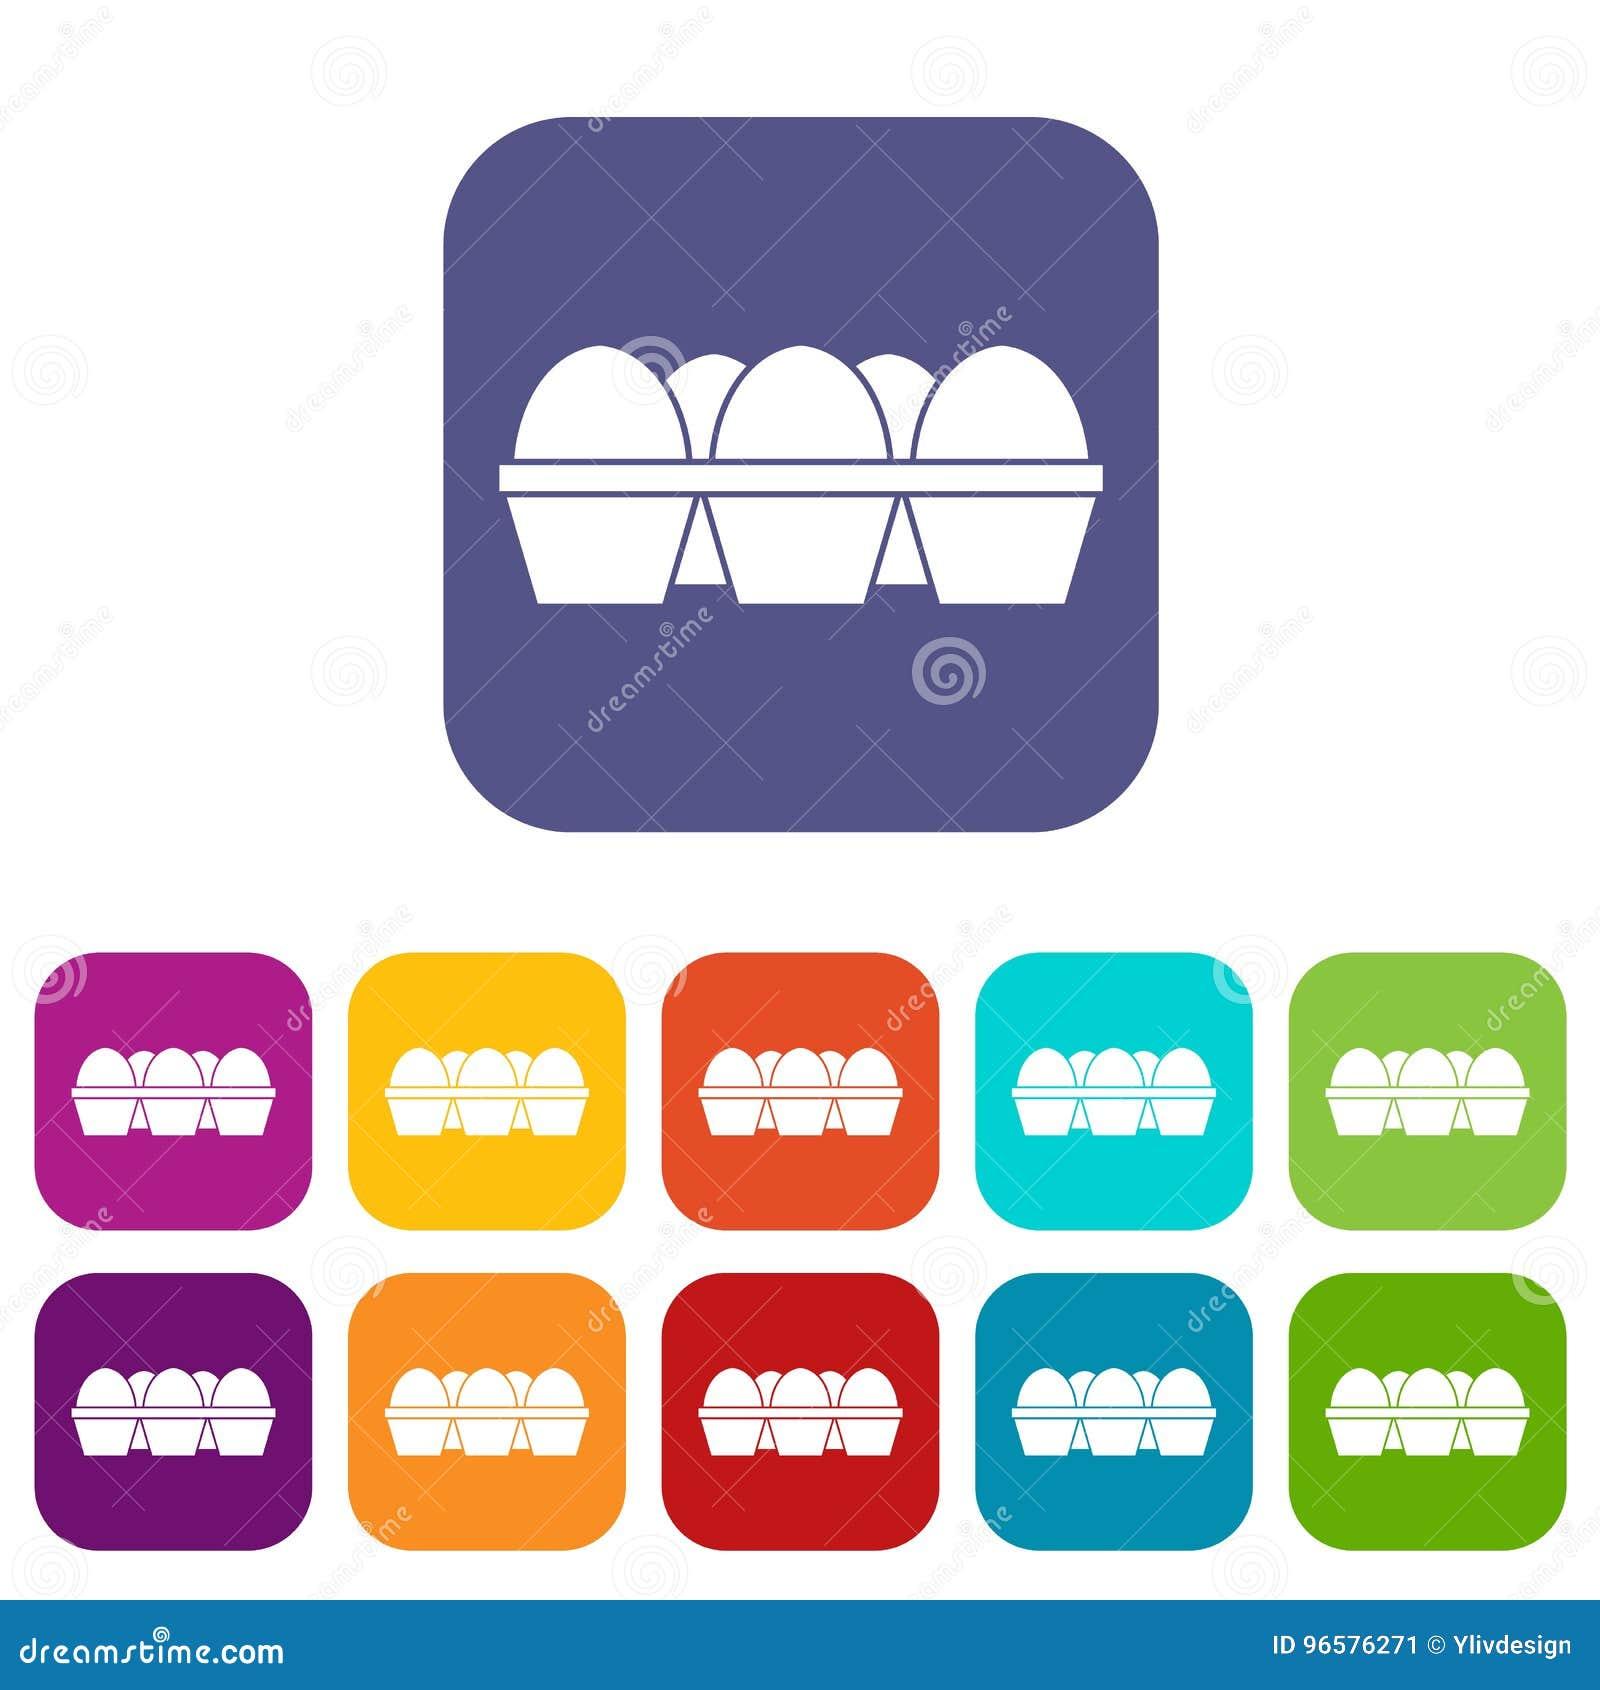 Αυγά στα εικονίδια συσκευασίας χαρτοκιβωτίων καθορισμένα